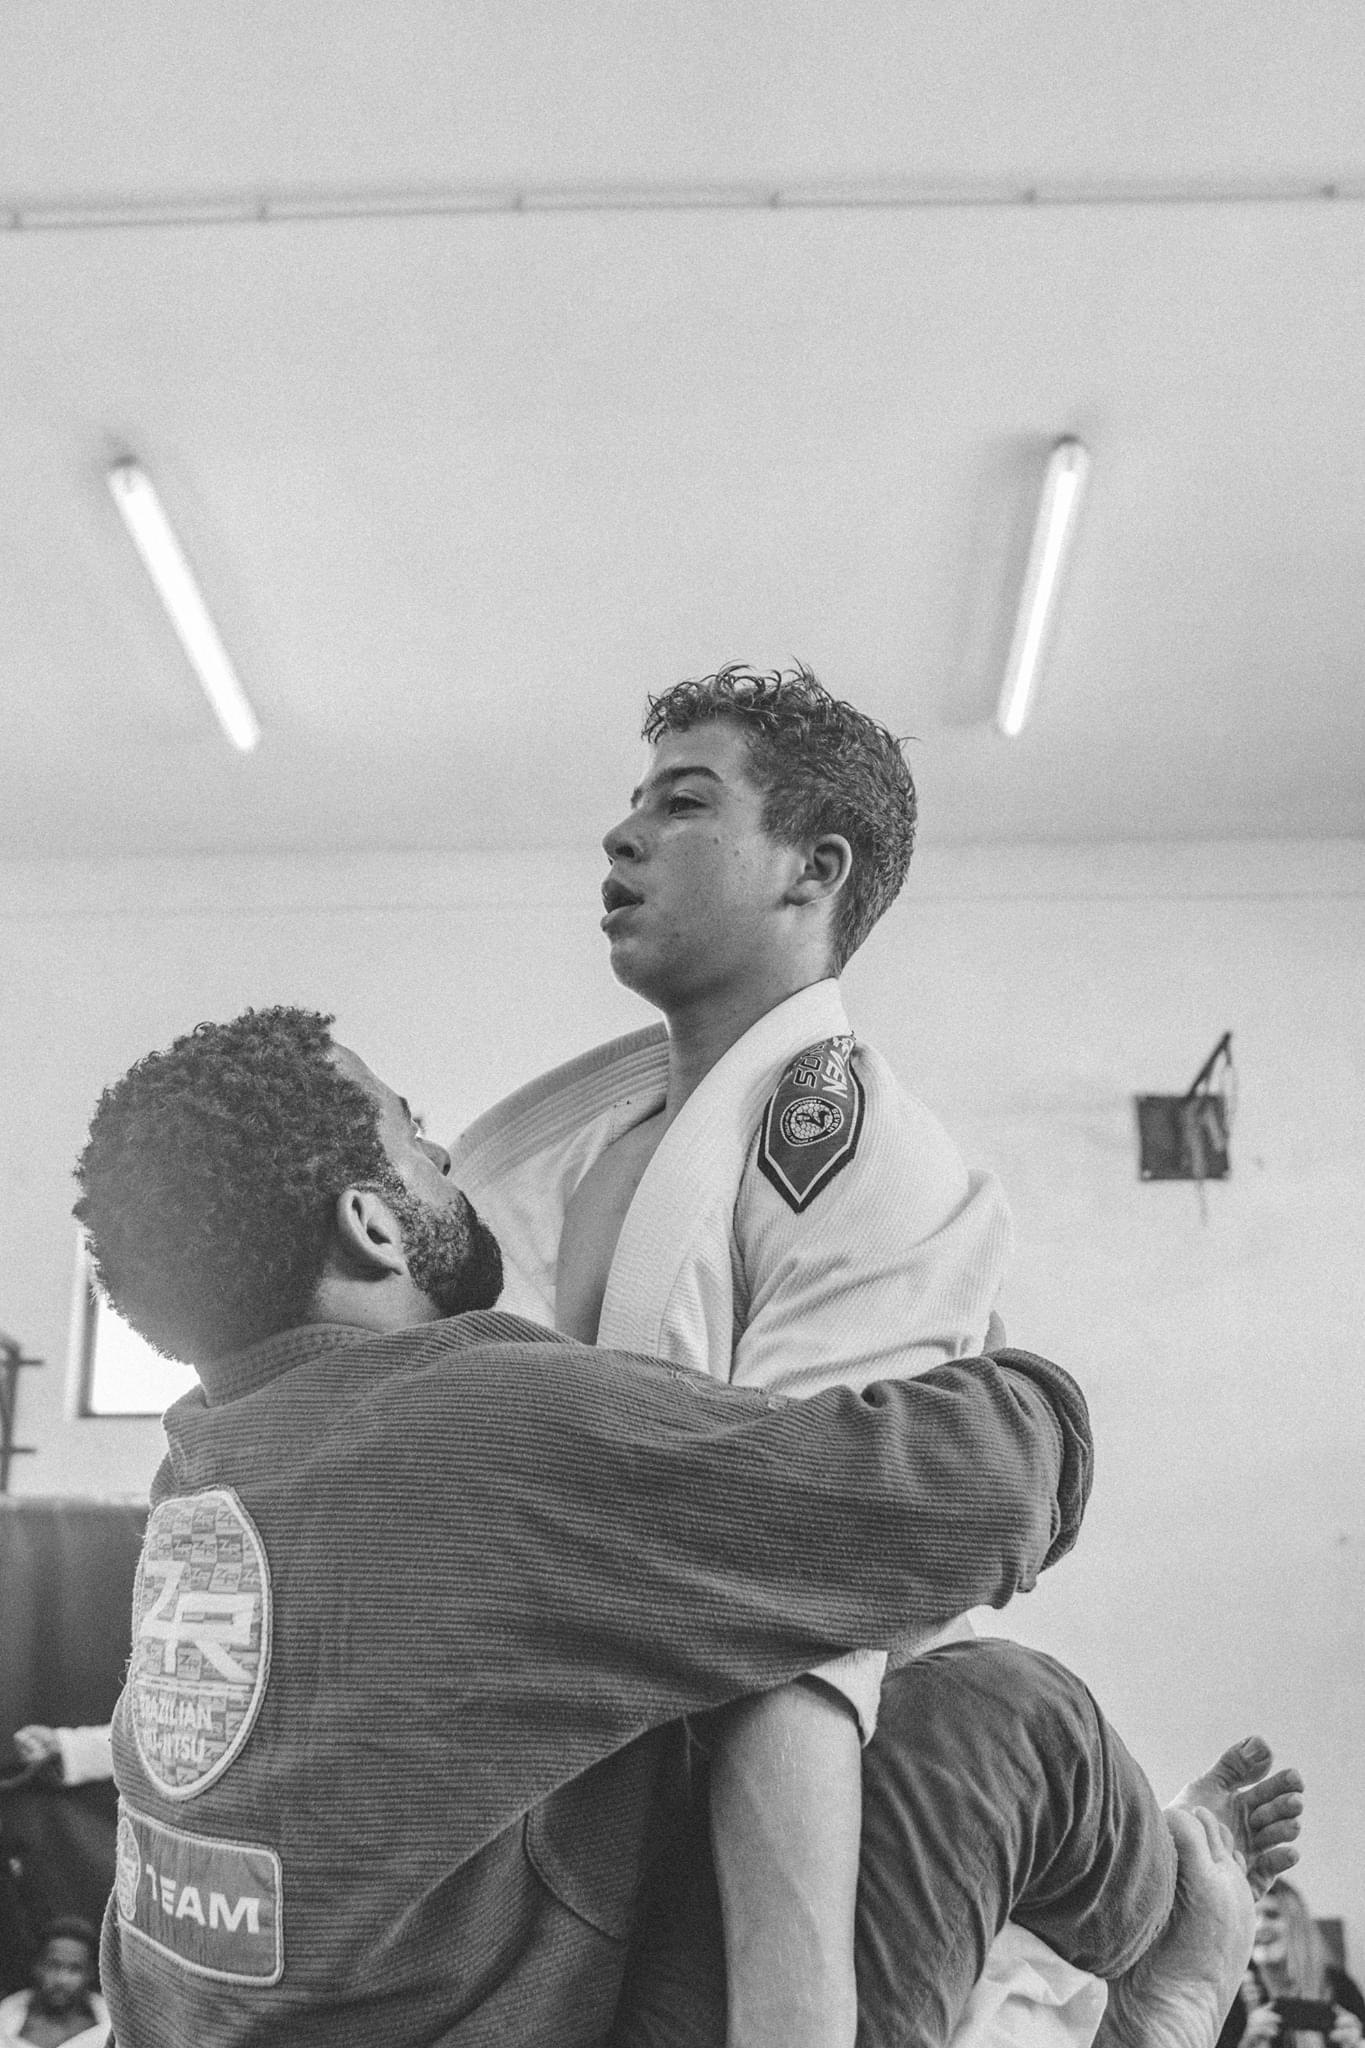 Dois membros da mesma equipa, em fase de treino, em que um deles exerce força sob o outro, impedindo-o de exercer qualquer movimento, ao prender lhe os braços.